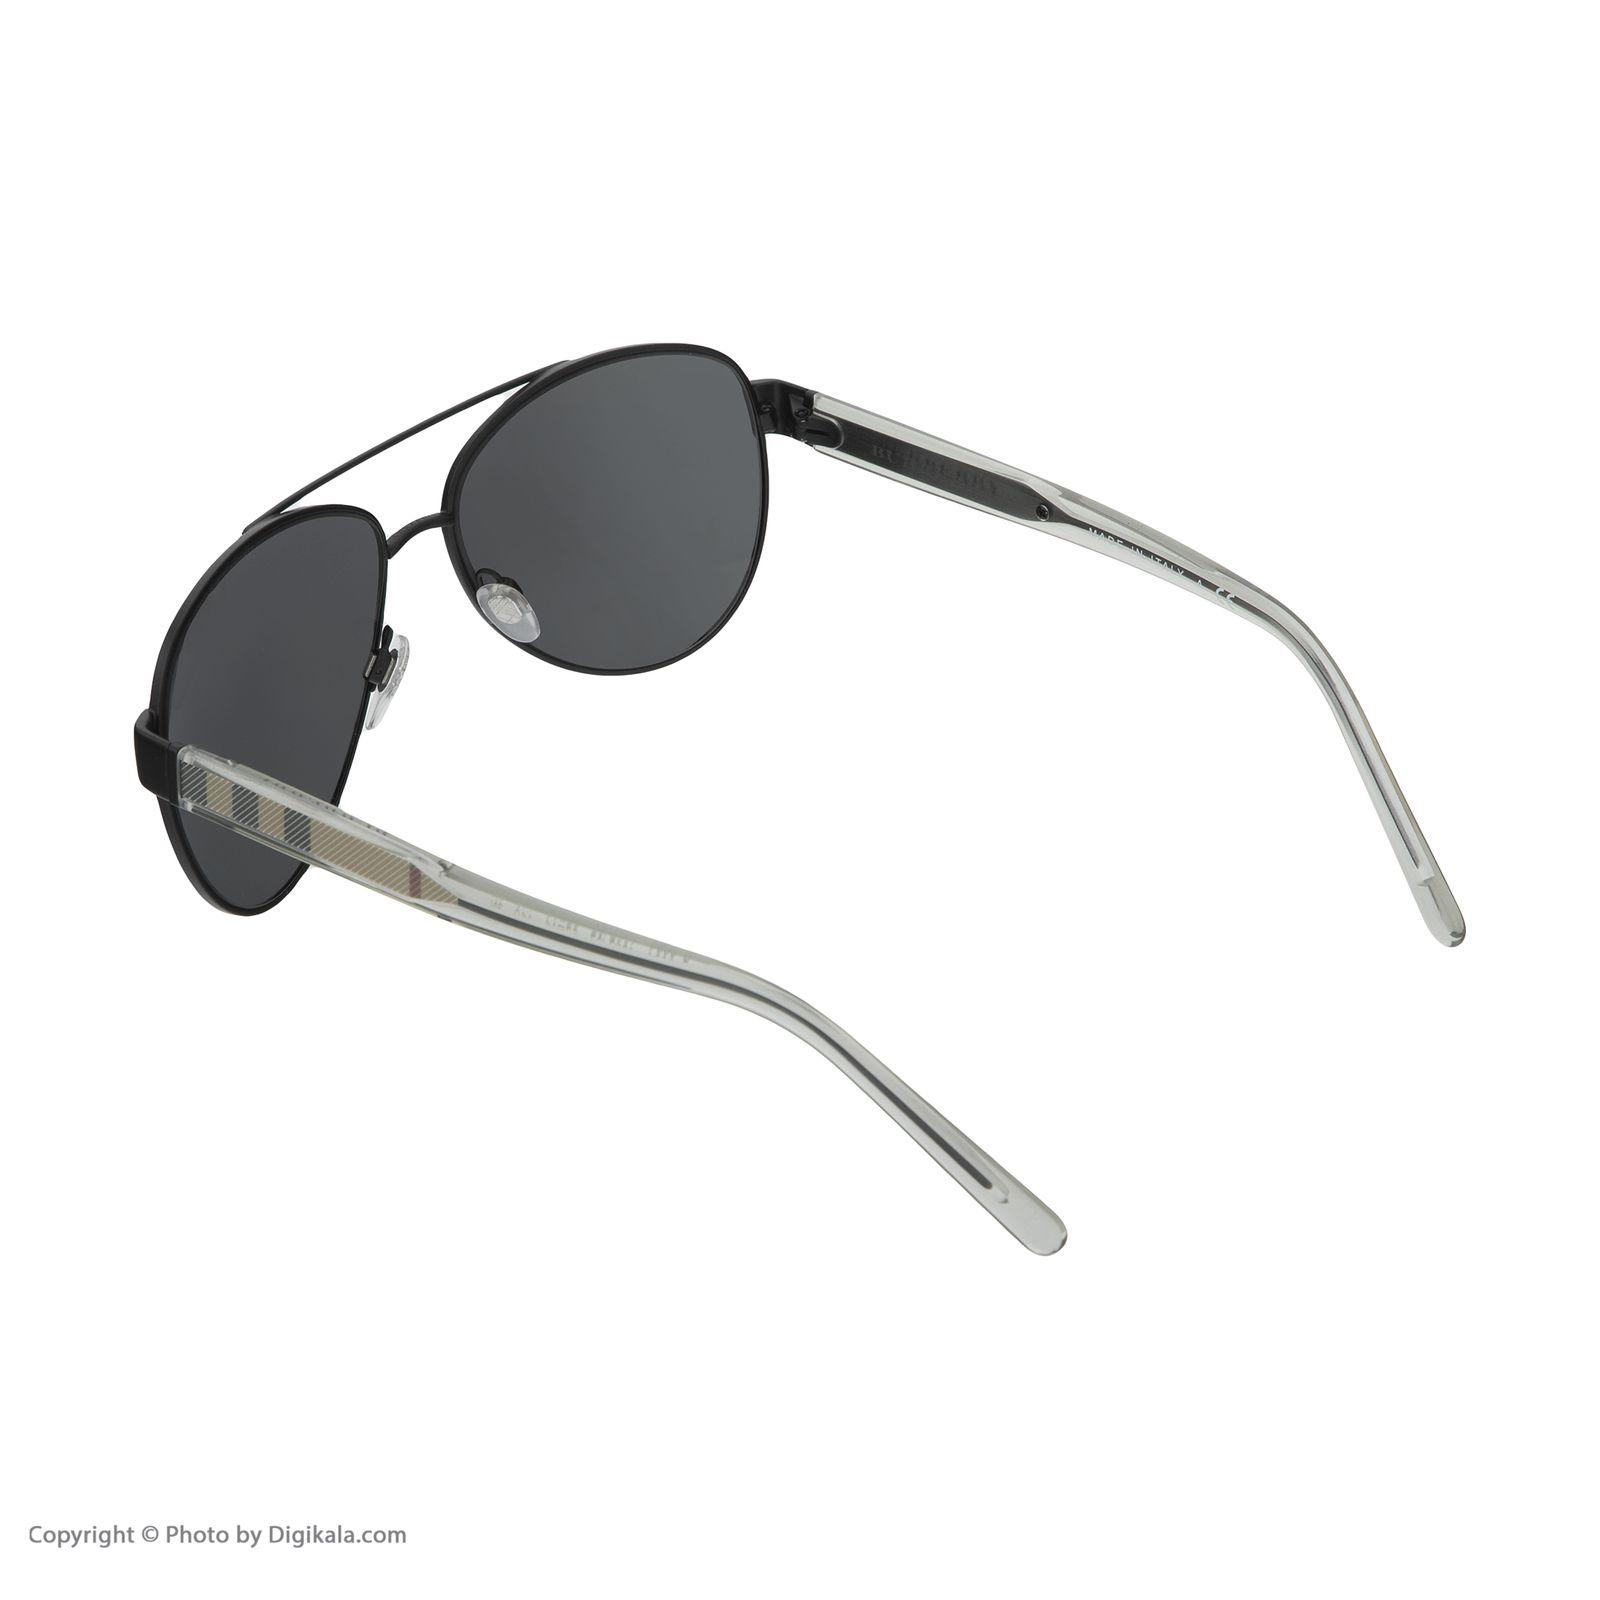 عینک آفتابی زنانه بربری مدل BE 3084S 100787 57 -  - 5